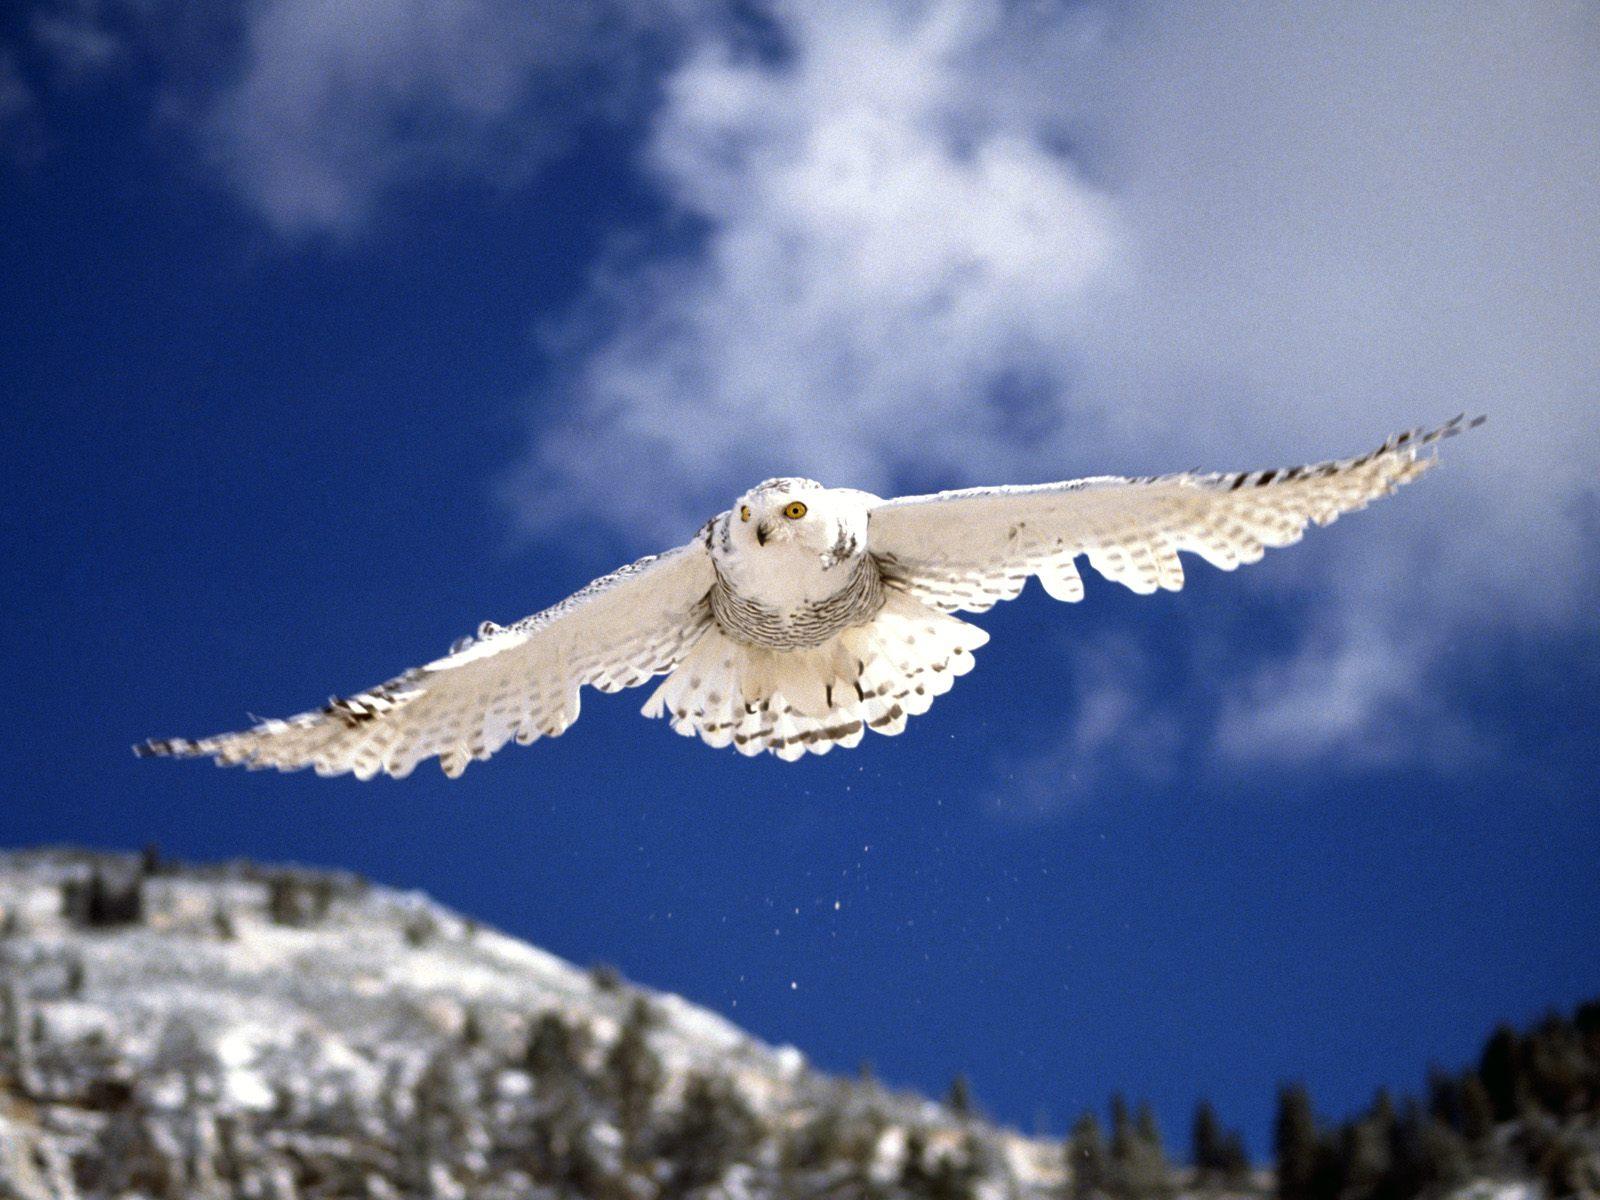 композиций предназначены картинки парящие птицы образование получил университете